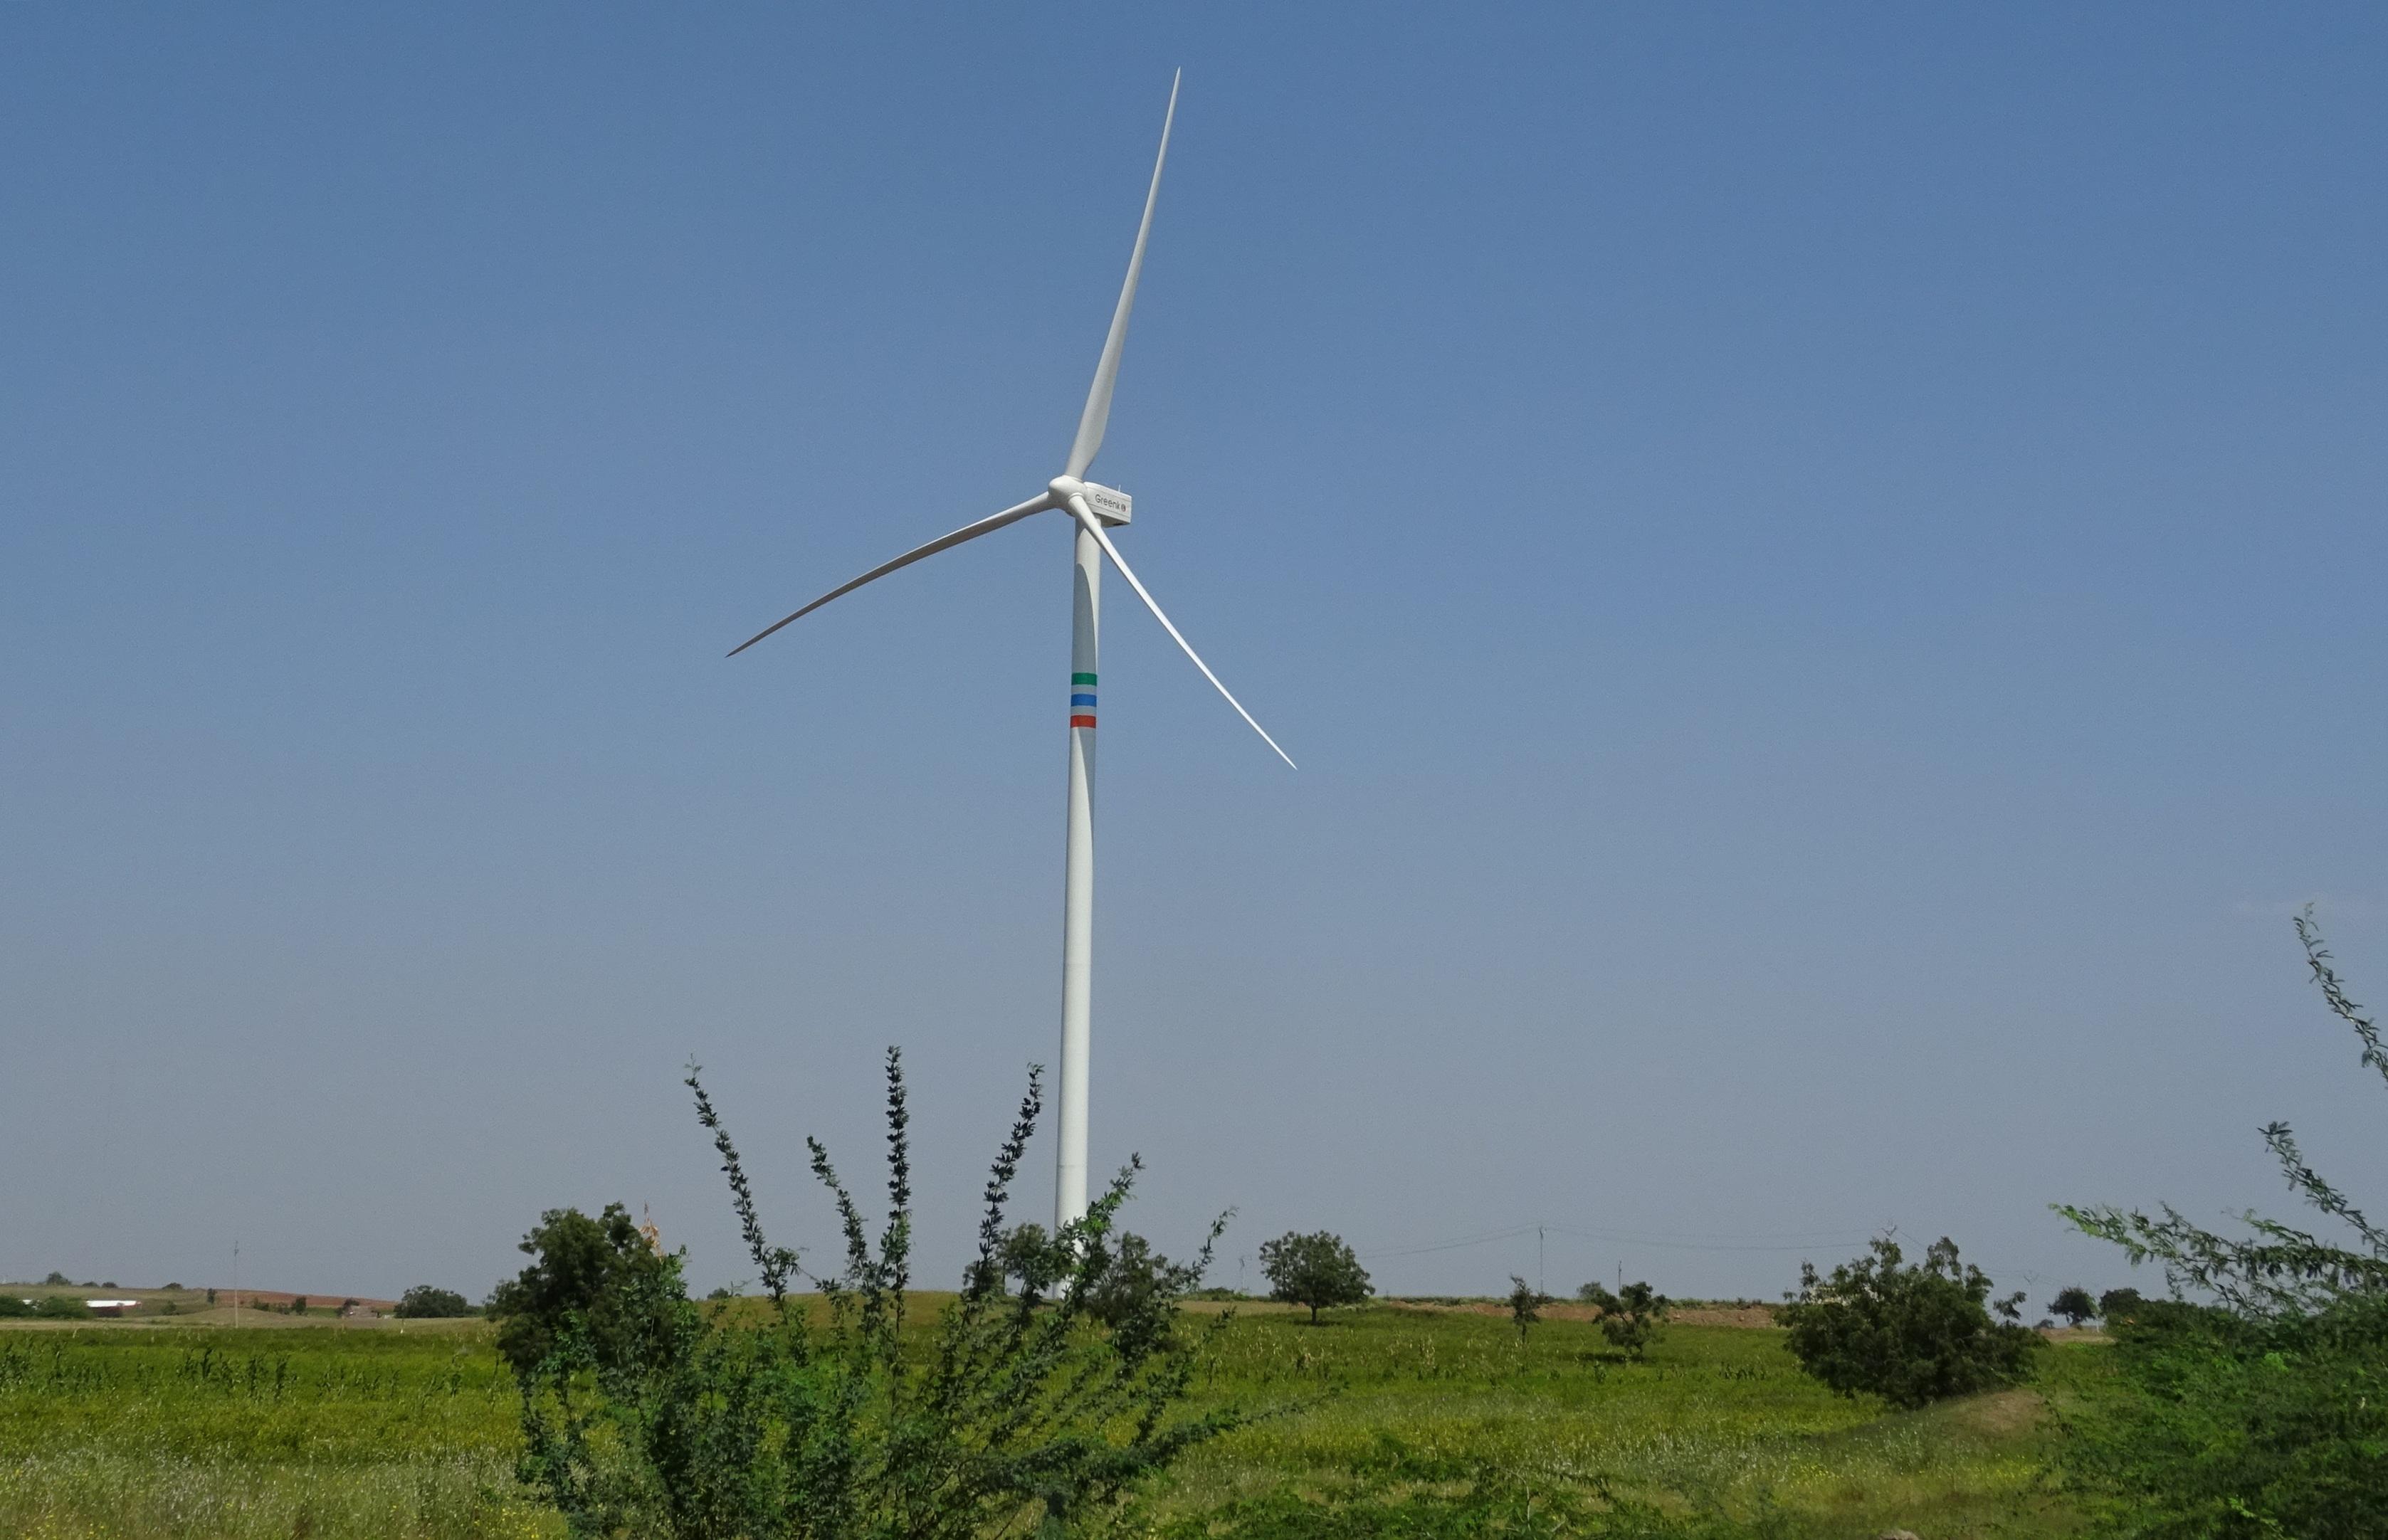 Free windmill machine wind turbine generator wind